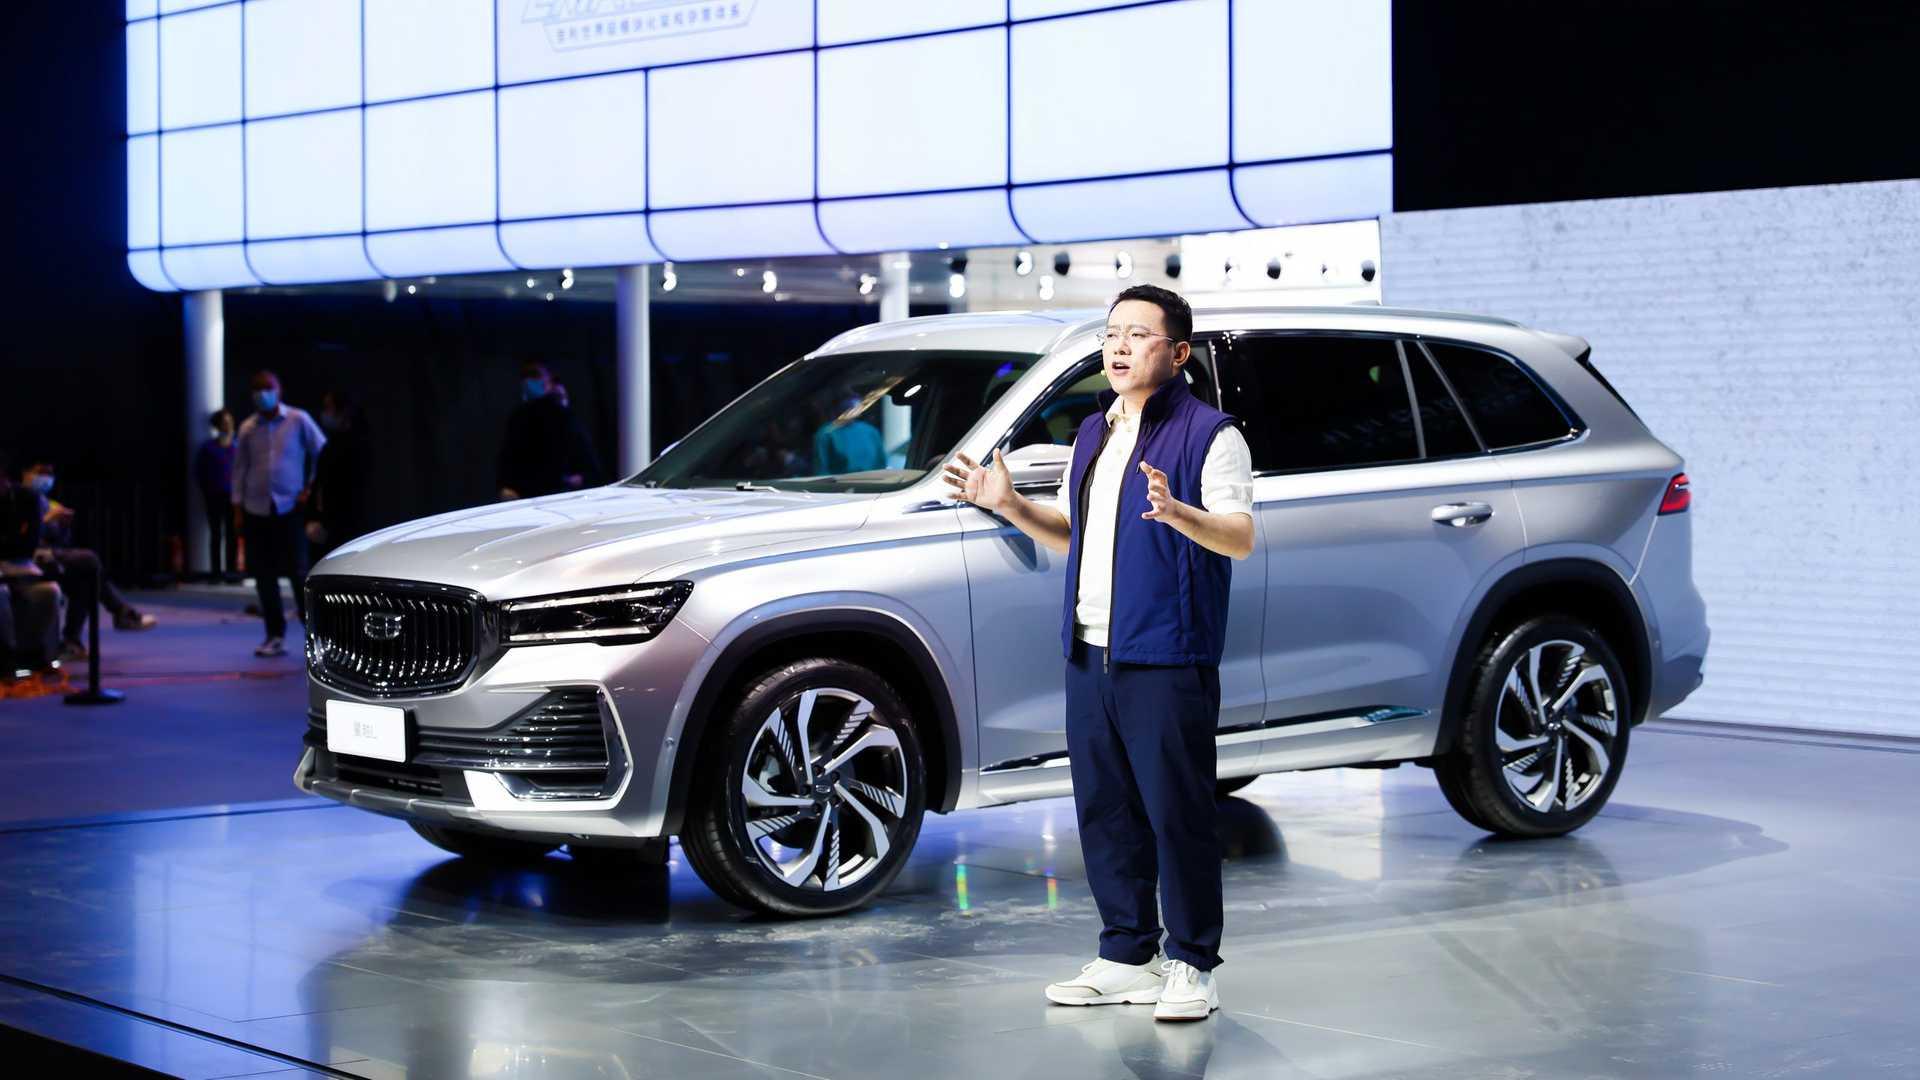 أحدث إصدارات معرض شنغهاي الدولي للسيارات